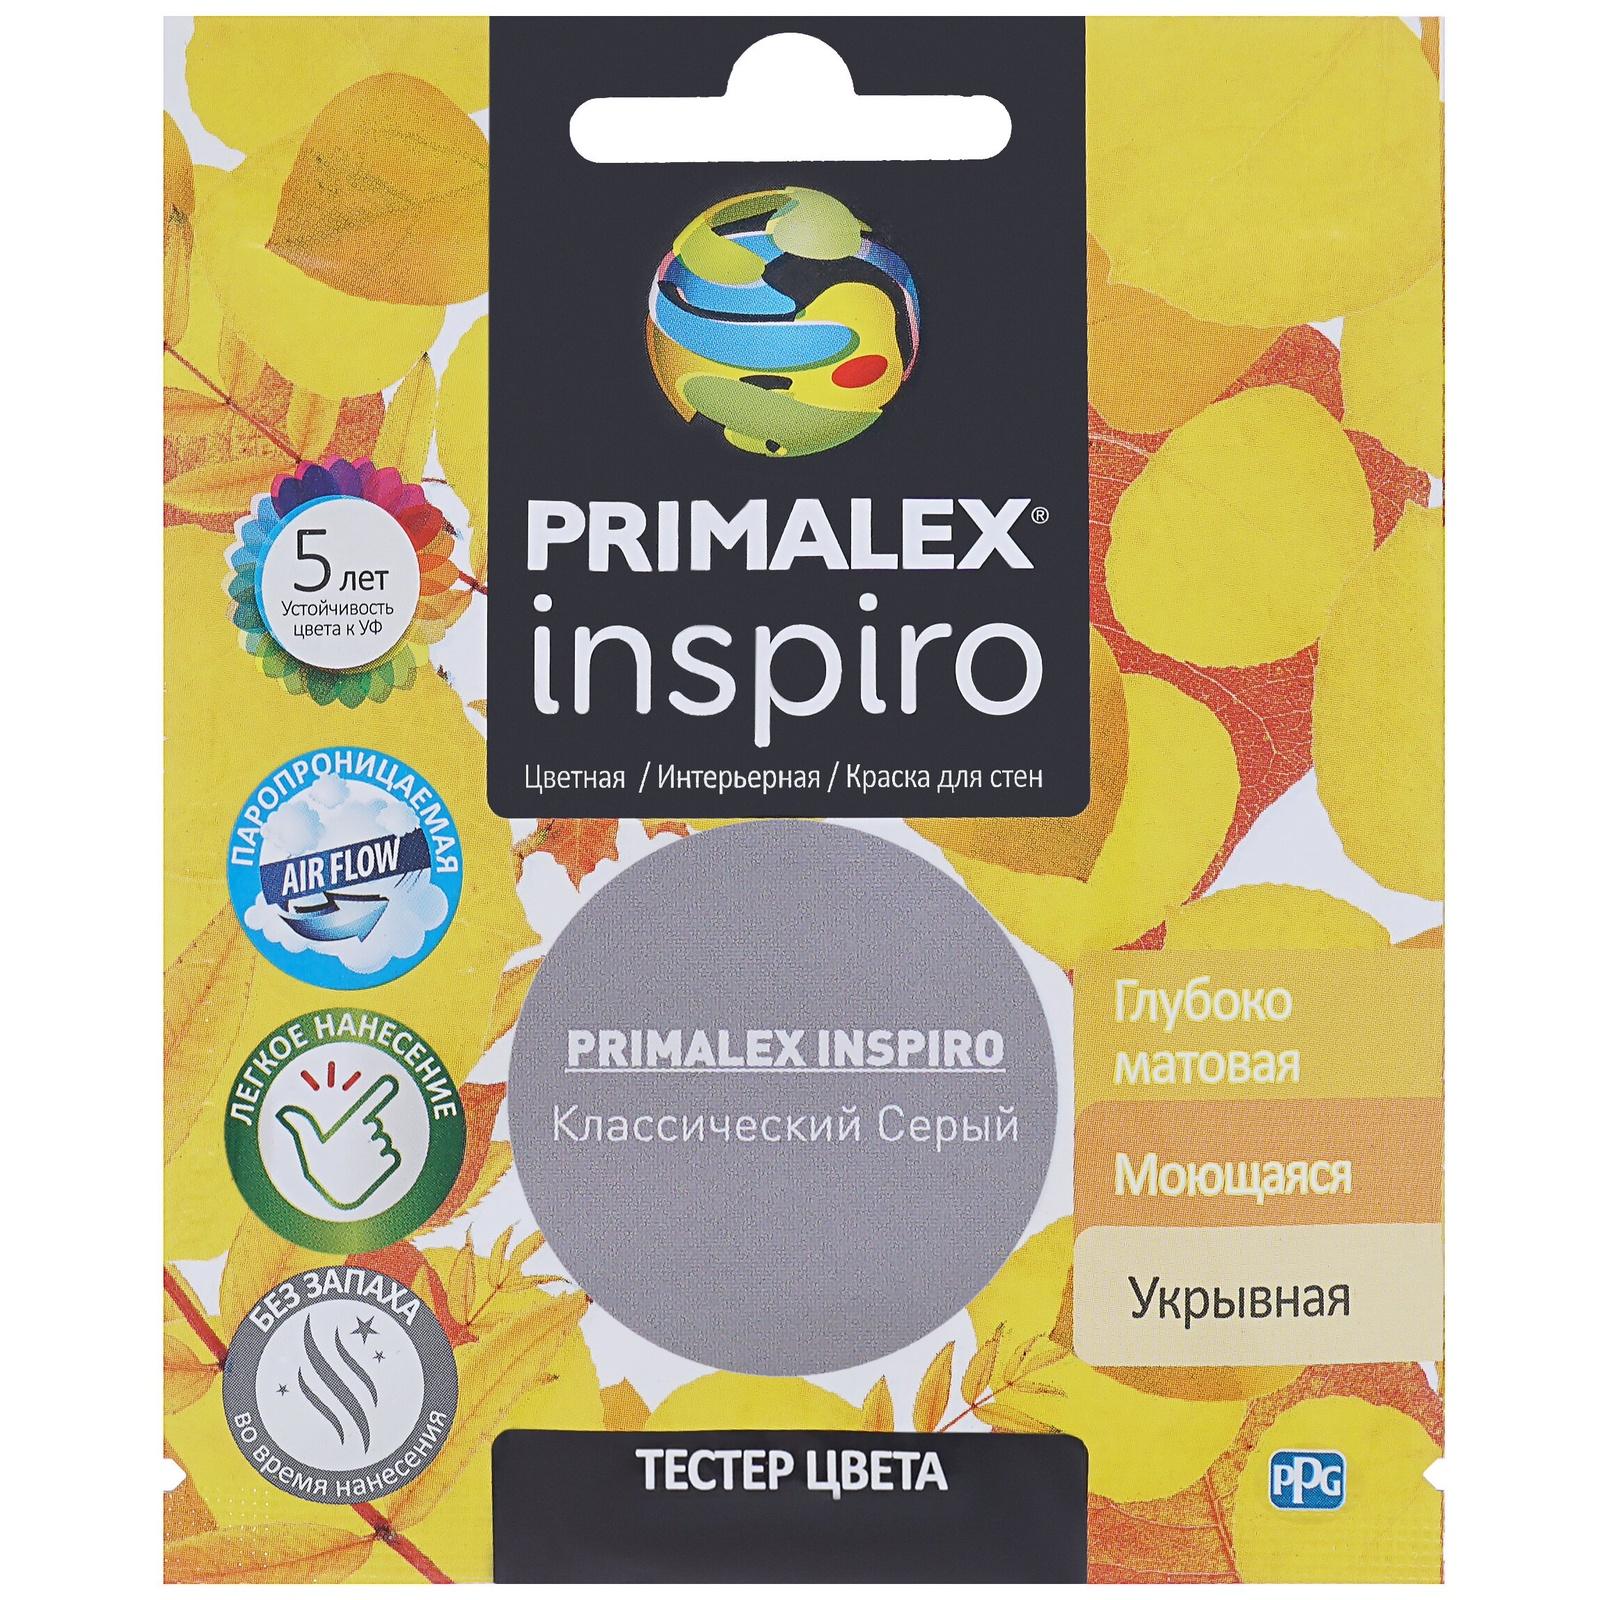 Краска PPG Primalex Inspiro Классический Серый 40мл краска ppg primalex inspiro красный мак 40мл pmx i47